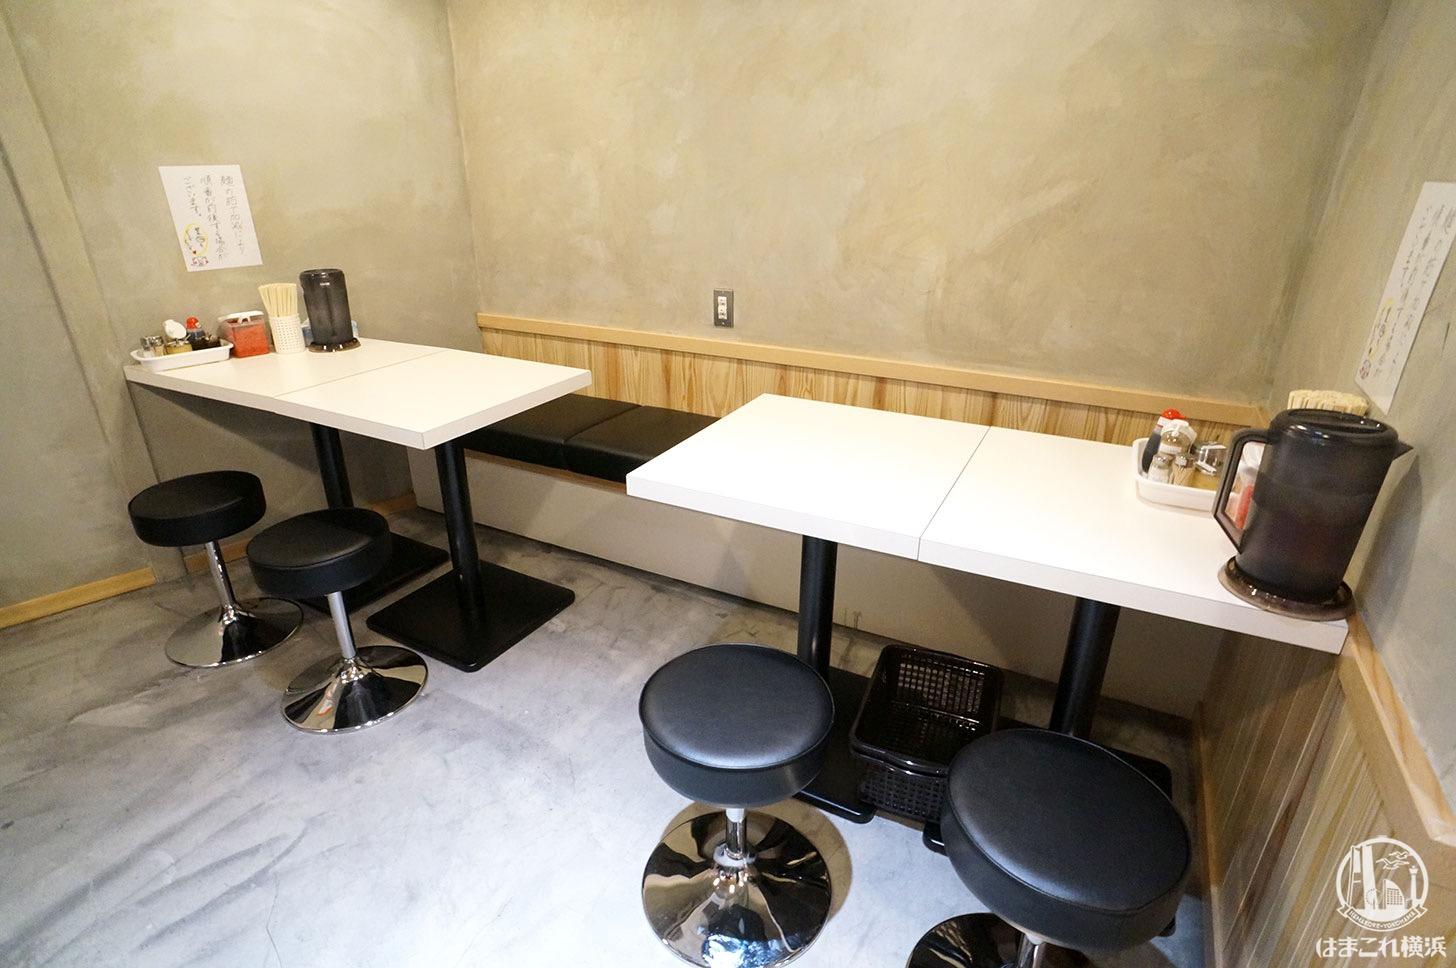 八ちゃんラーメン 新横浜ラーメン博物館 店内のテーブル席